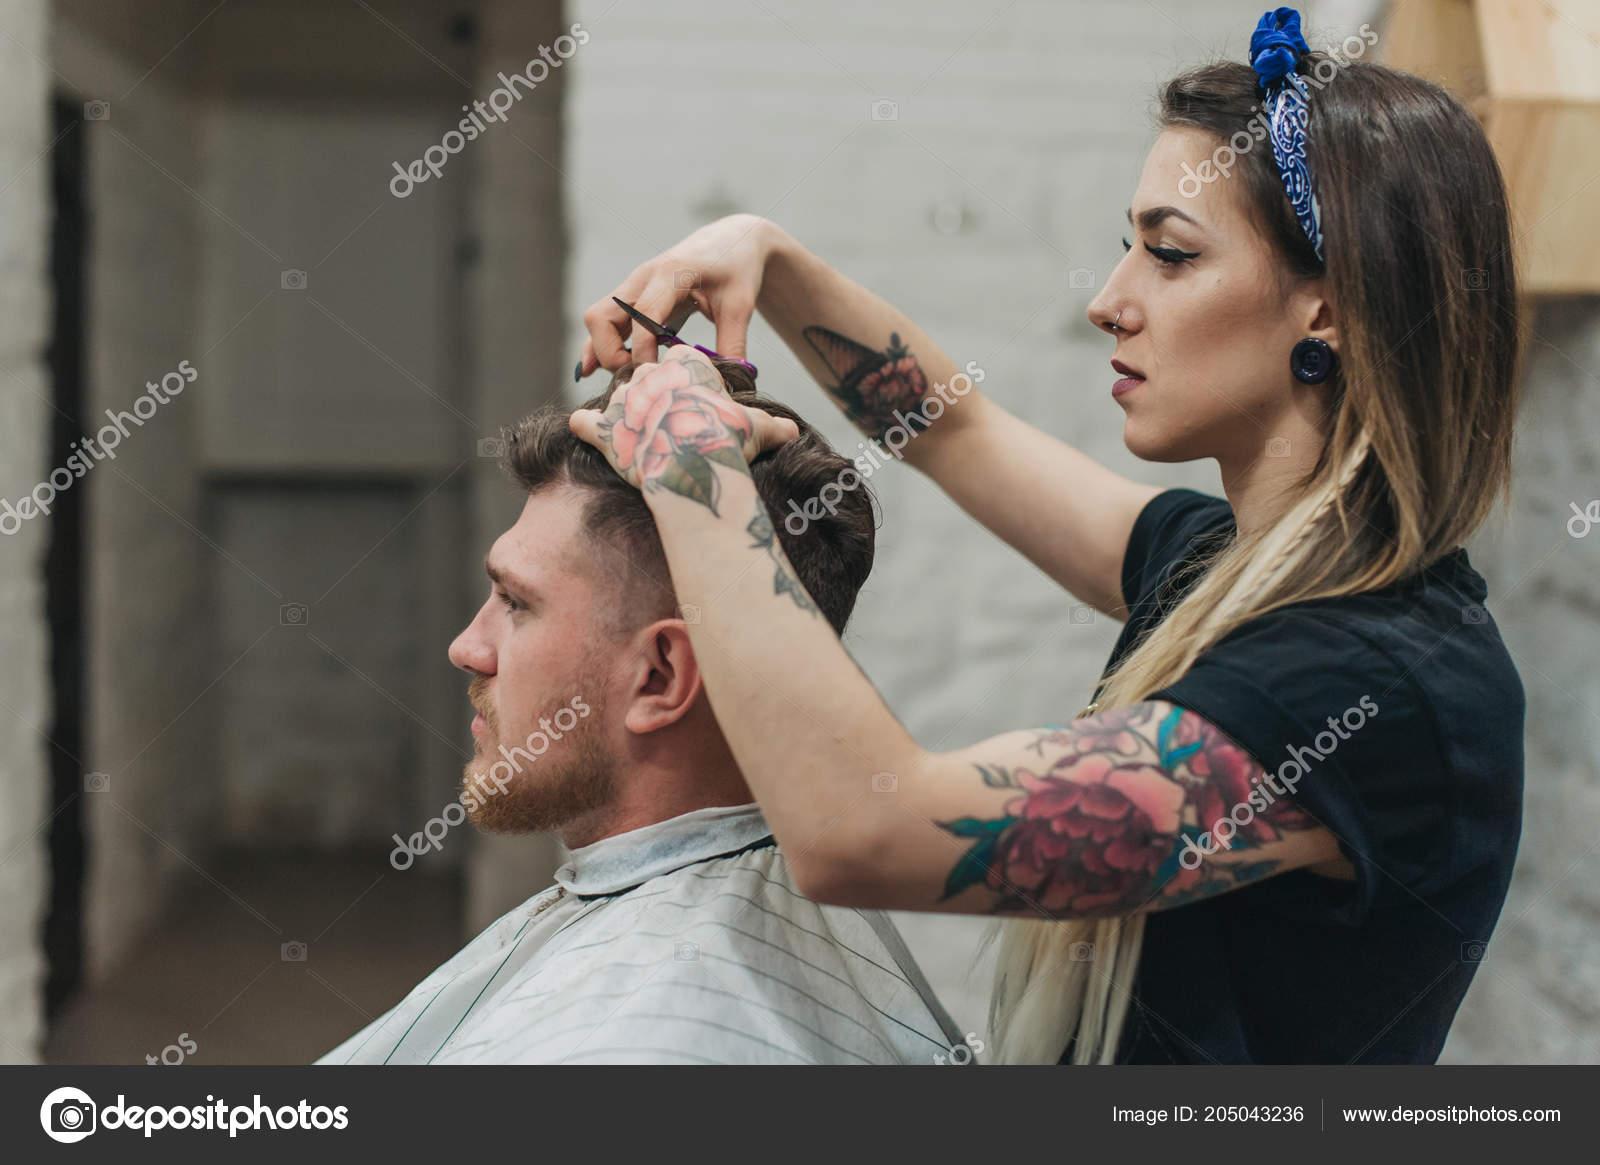 tetování dívka seznamka seznamka vidět, kam to jde